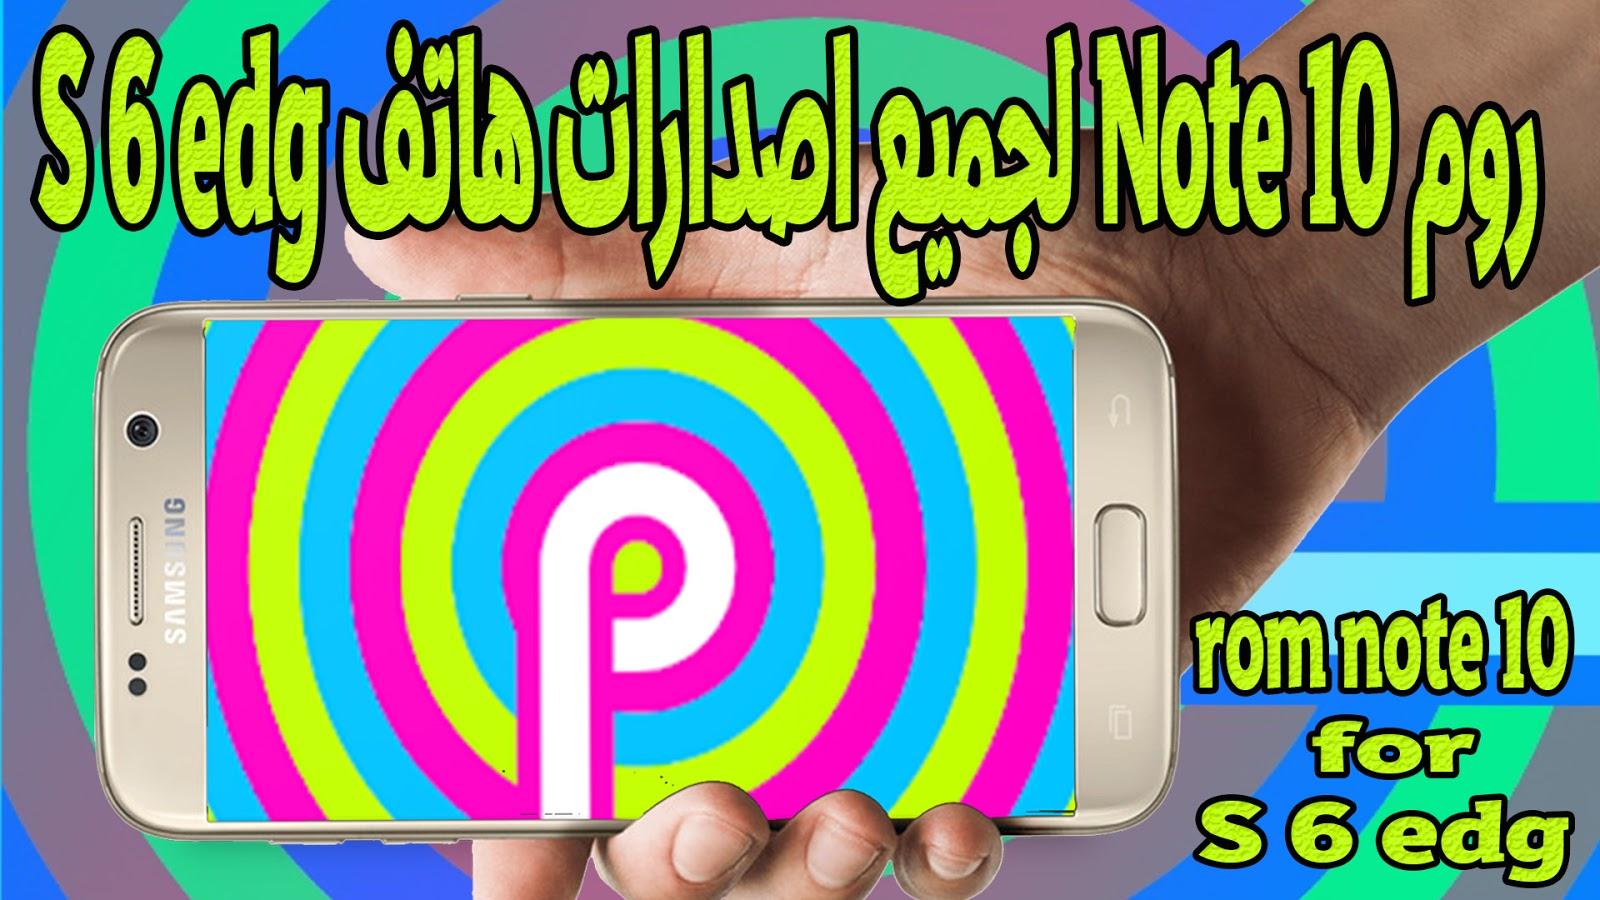 لأول مرة في المحتوي العربي Rom الهاتف الخارق Note 10 وتركيبة علي هاتف samsung S 6 - S 6 edg- اrom note 10 for S6 edg